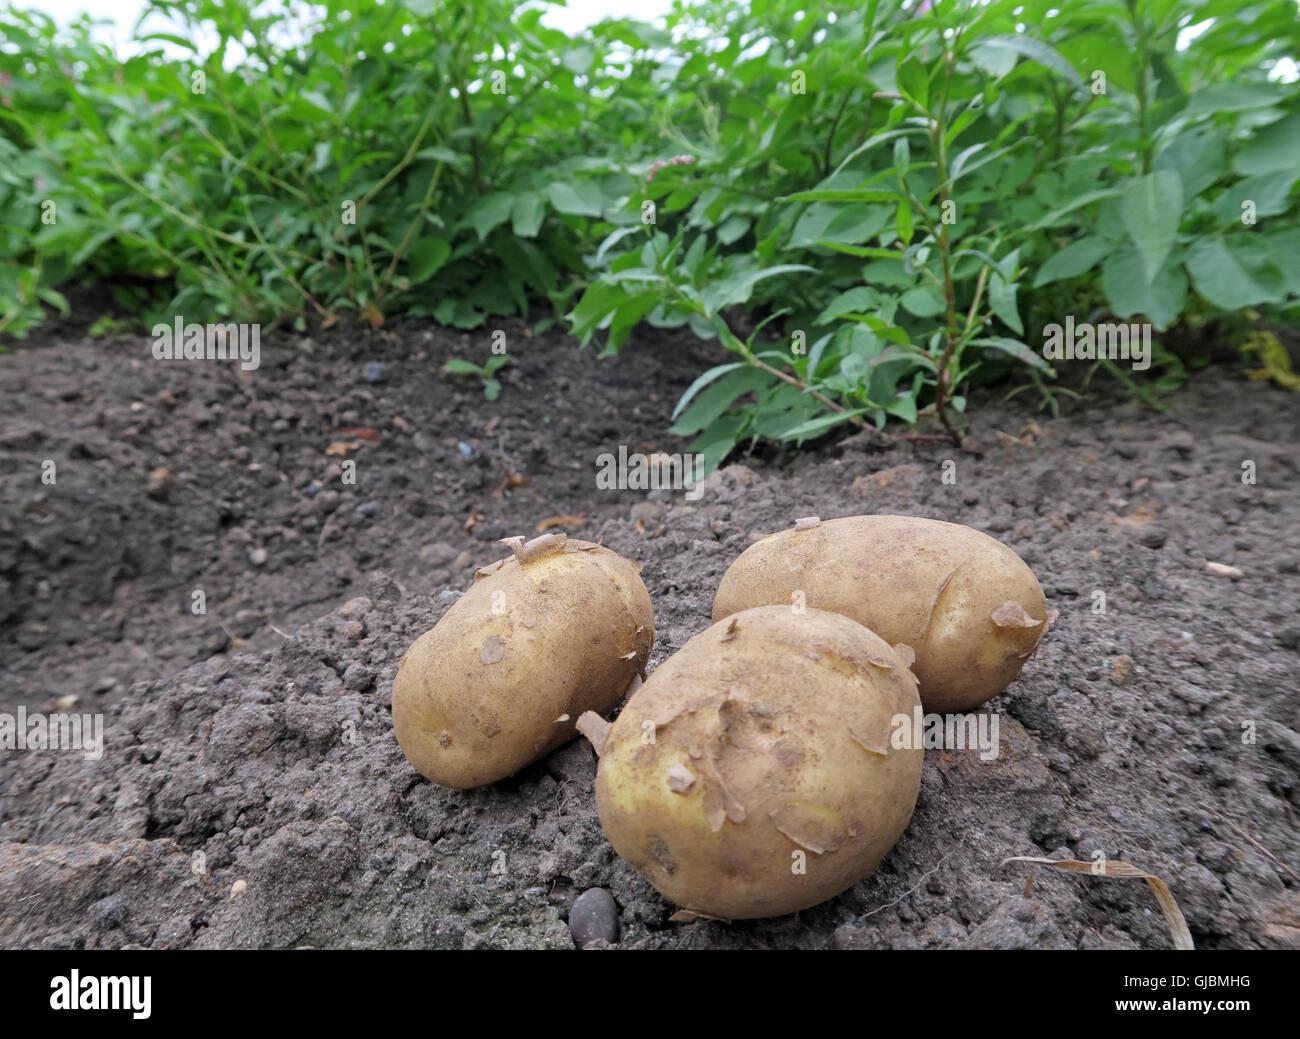 Laden Sie dieses Alamy Stockfoto Wo Kartoffeln kommen aus, Knollen in einer Hand, im Bereich der Kartoffelernte, Cheshire, North West England, Großbritannien - GJBMHG